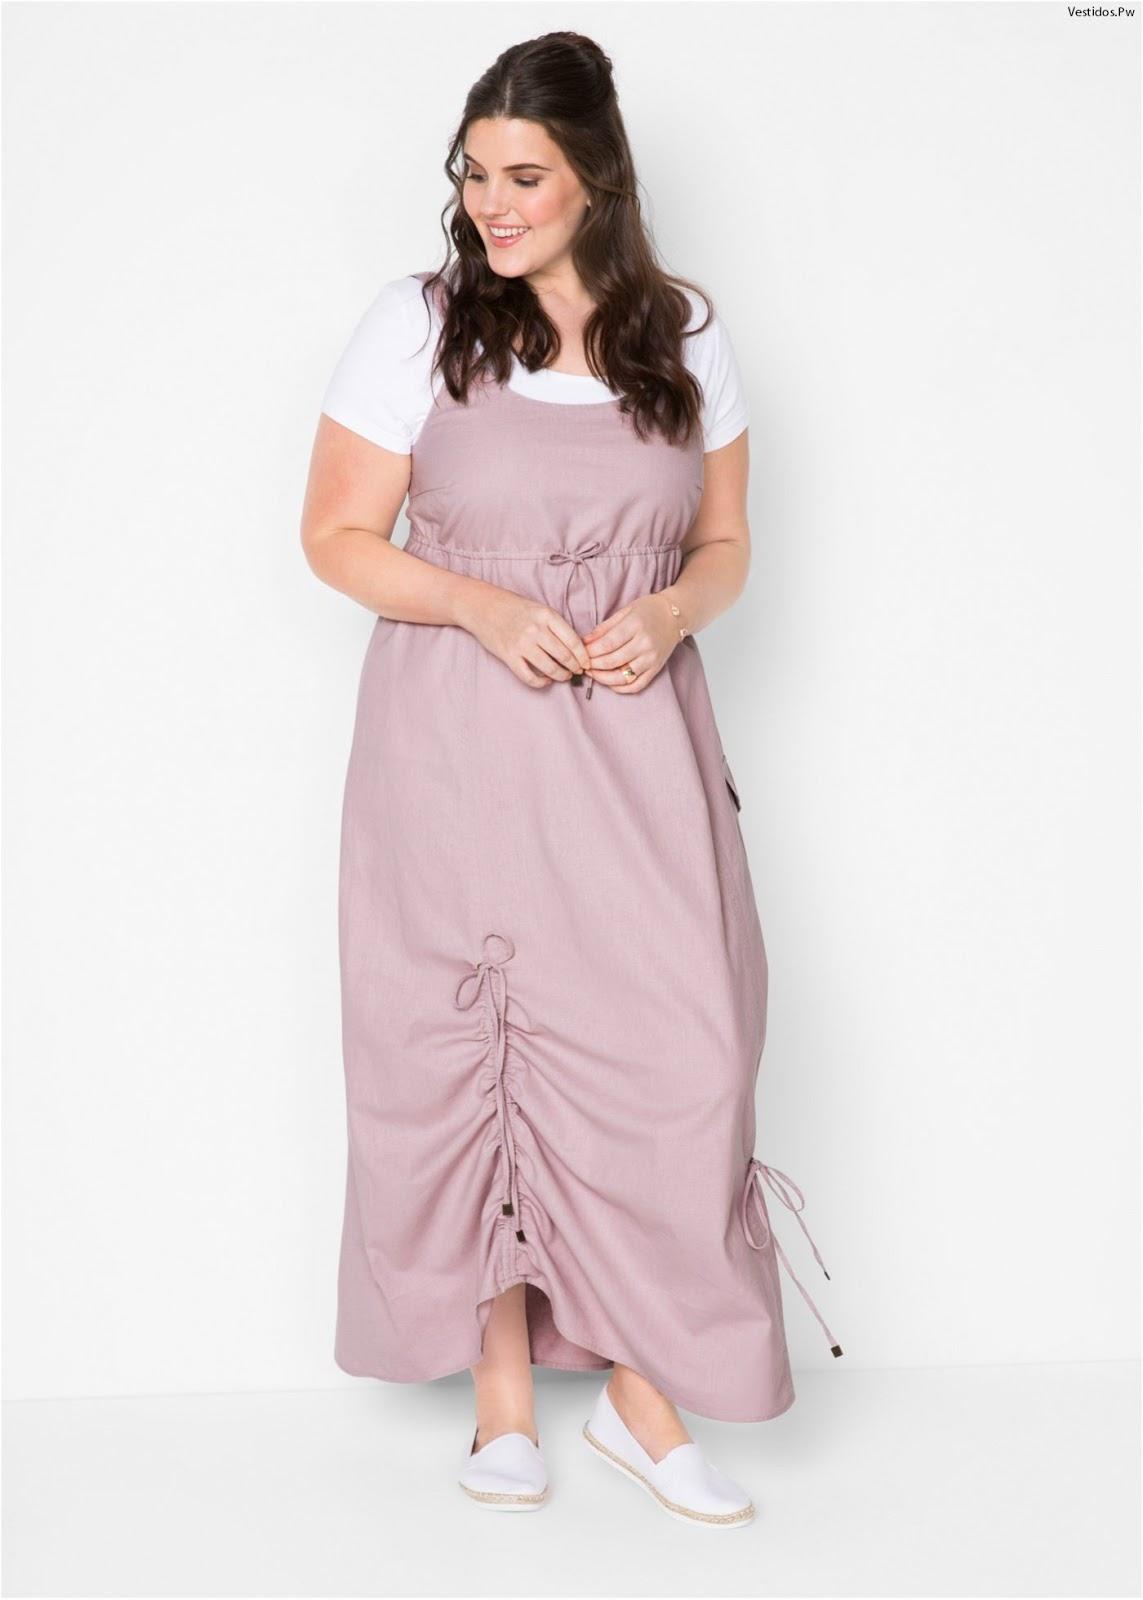 Modelos de vestidos informales para gorditas